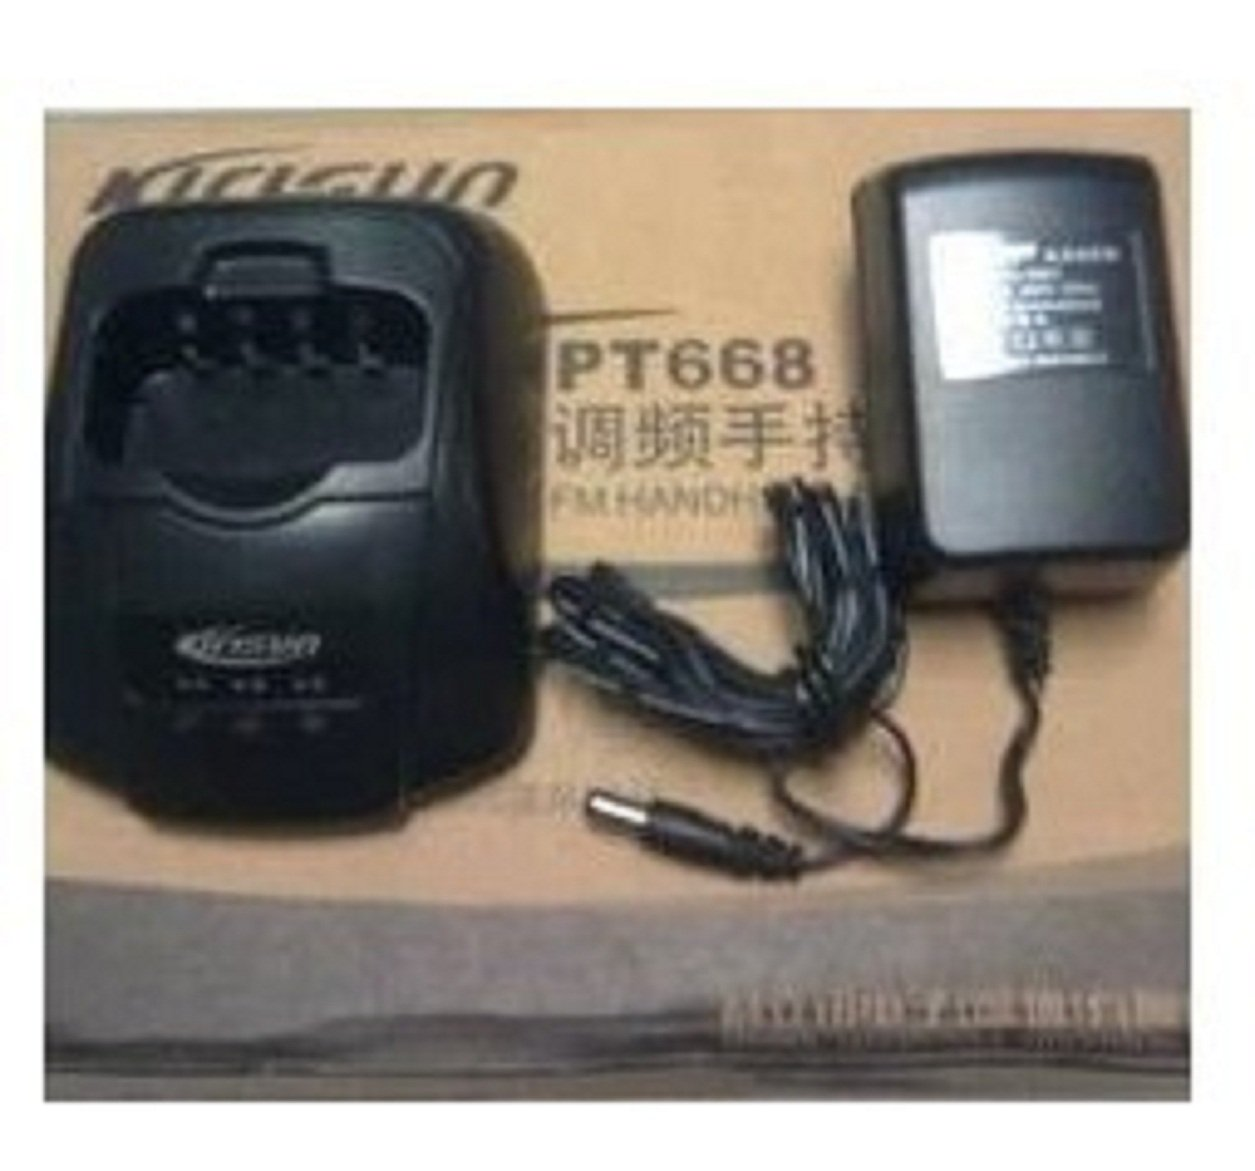 科立讯 p对讲机充电器pt-668充电器pt668充电座 火牛底座kbc-42s